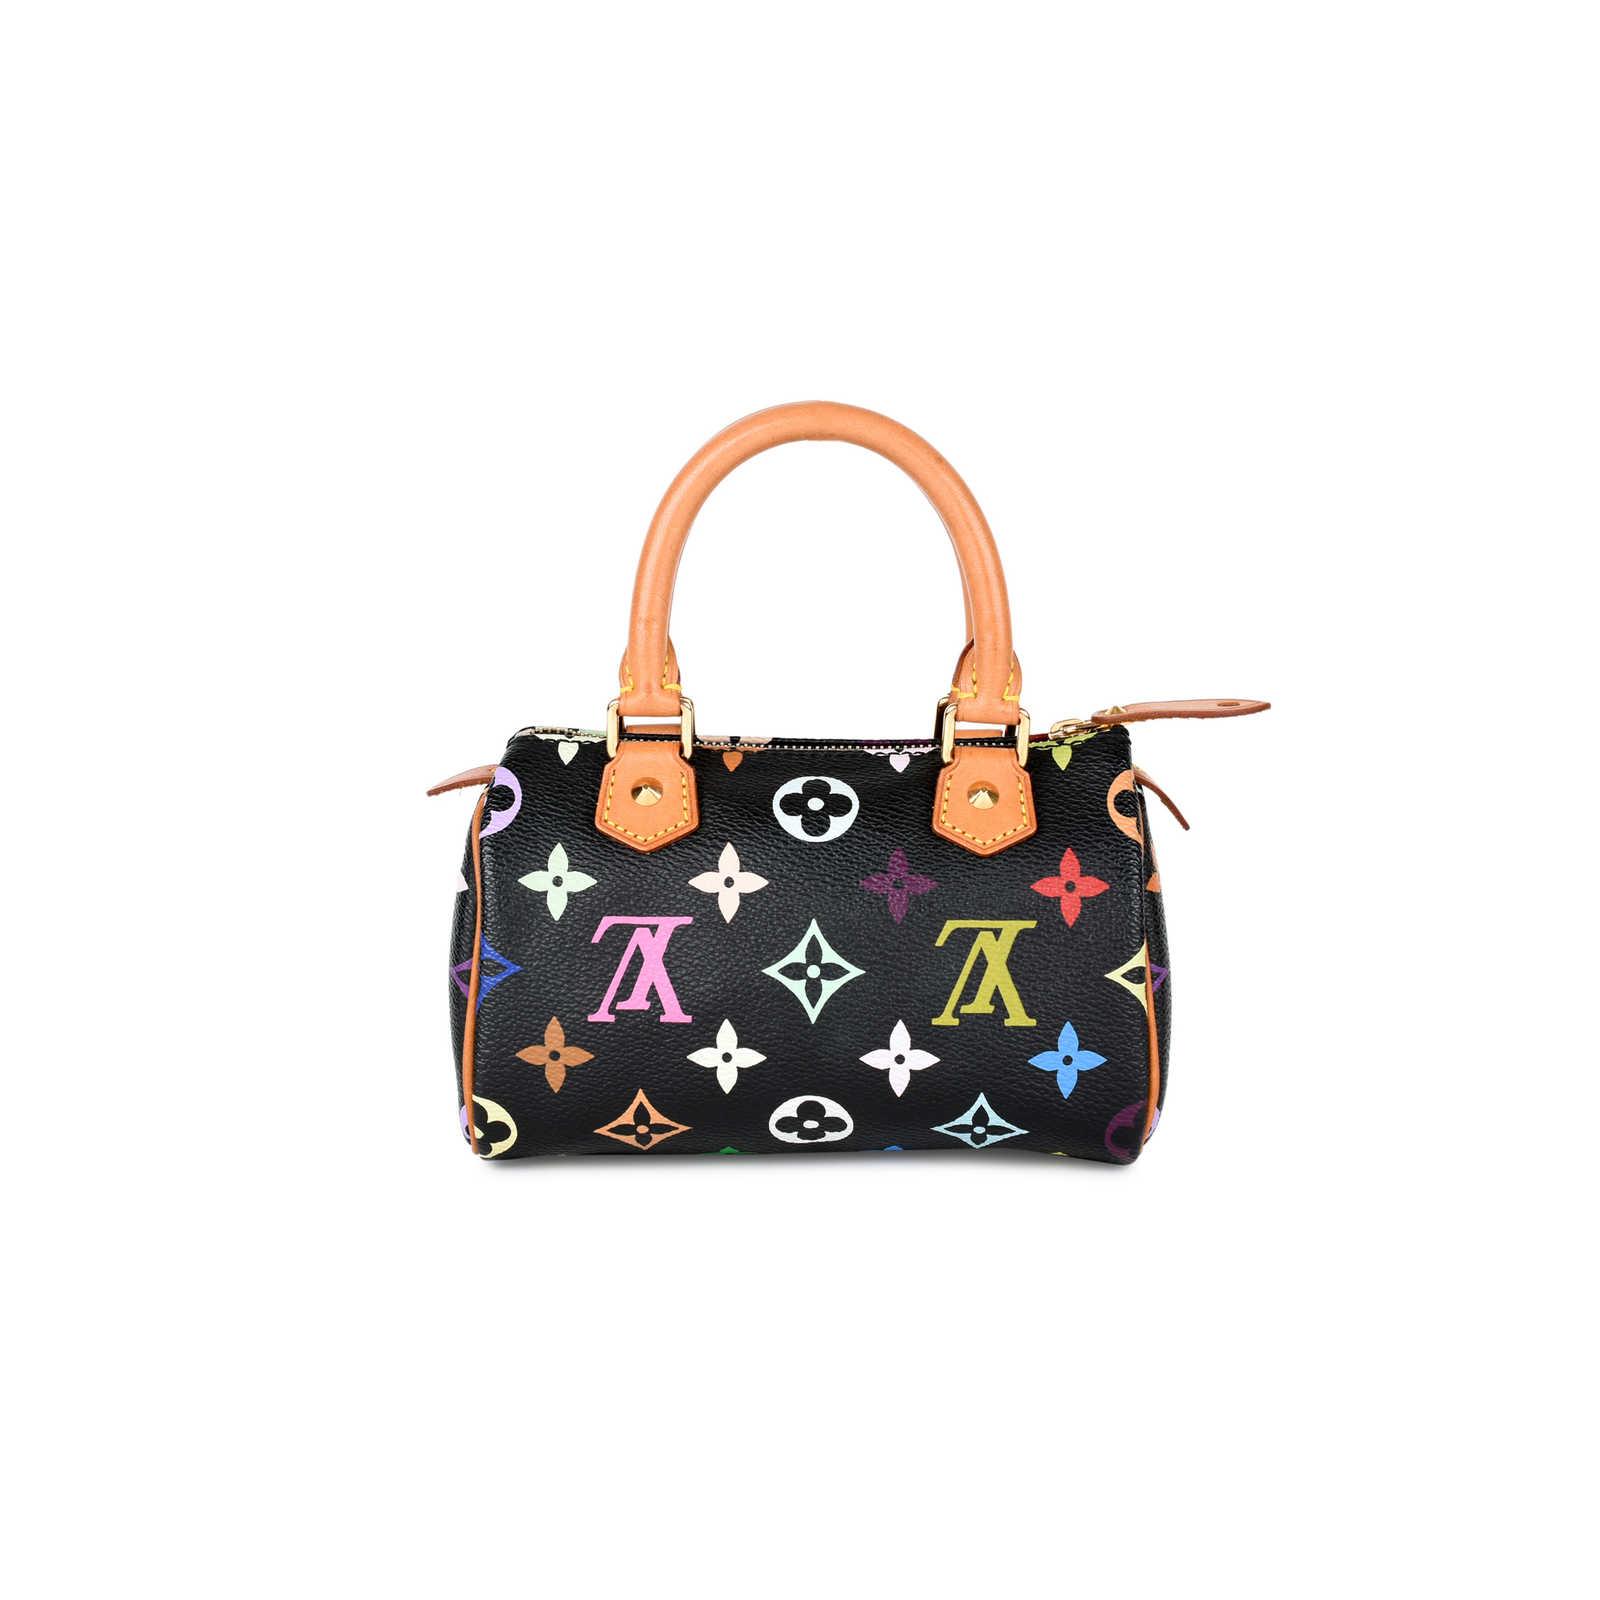 bbeee18e924 Authentic Second Hand Louis Vuitton Multicolore Mini Sac HL Speedy ...